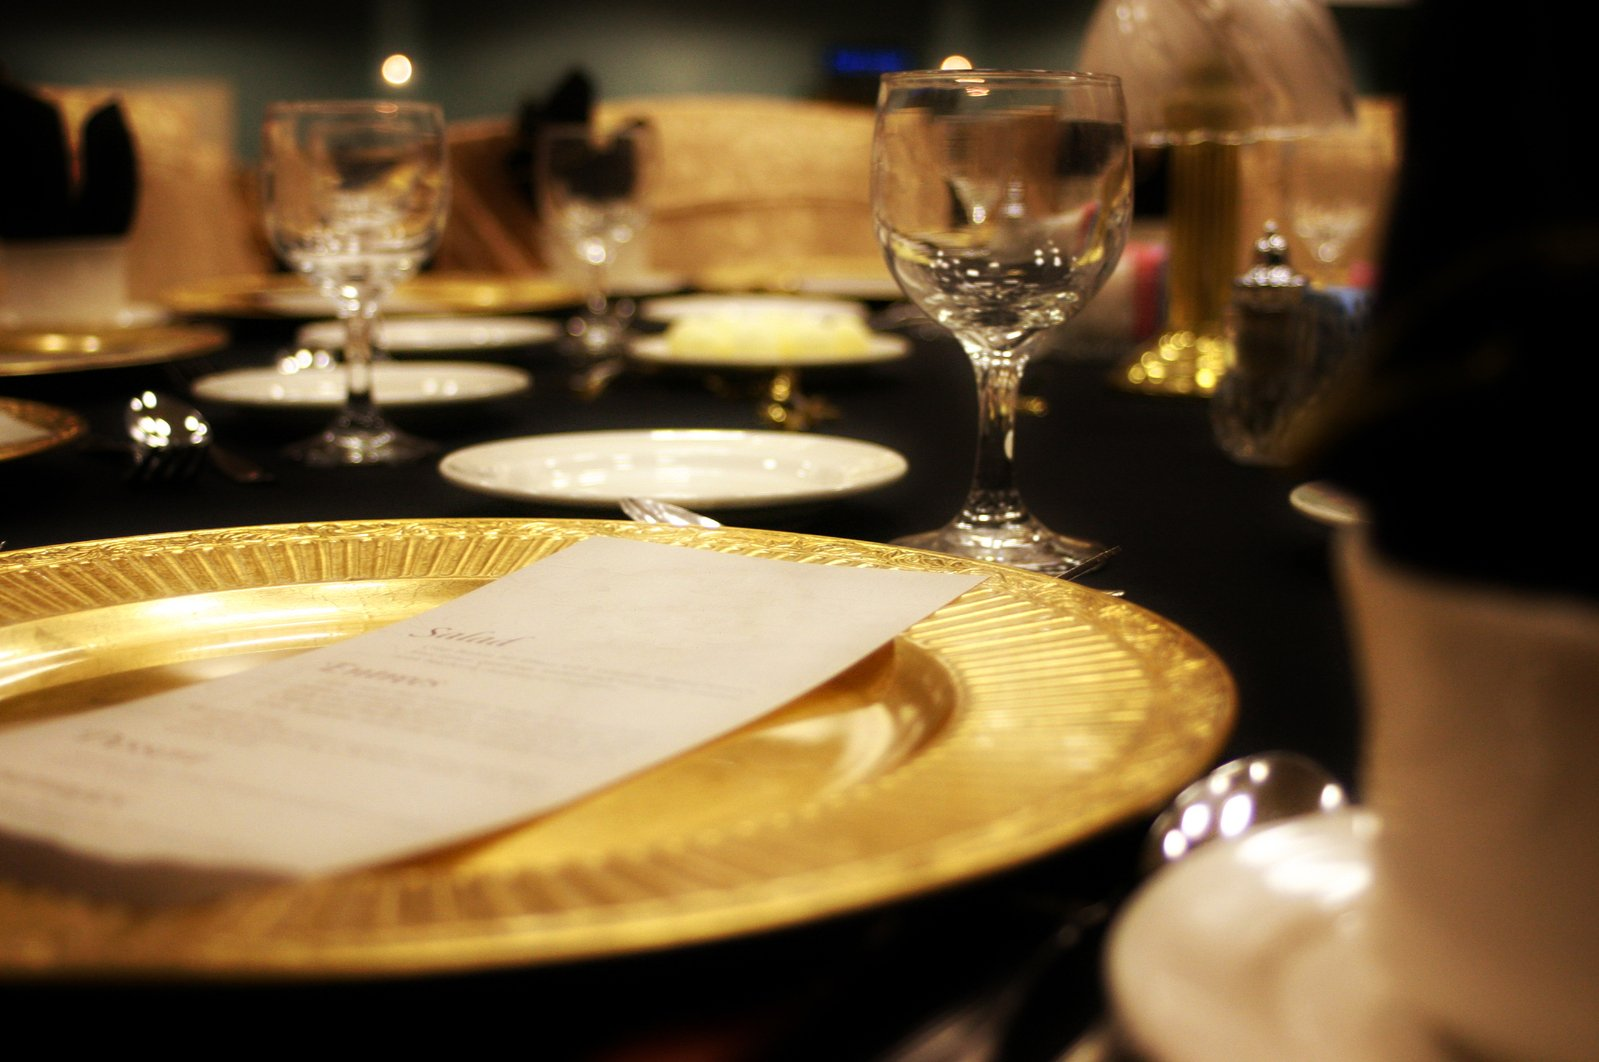 fancy-dinner-setting-1328871